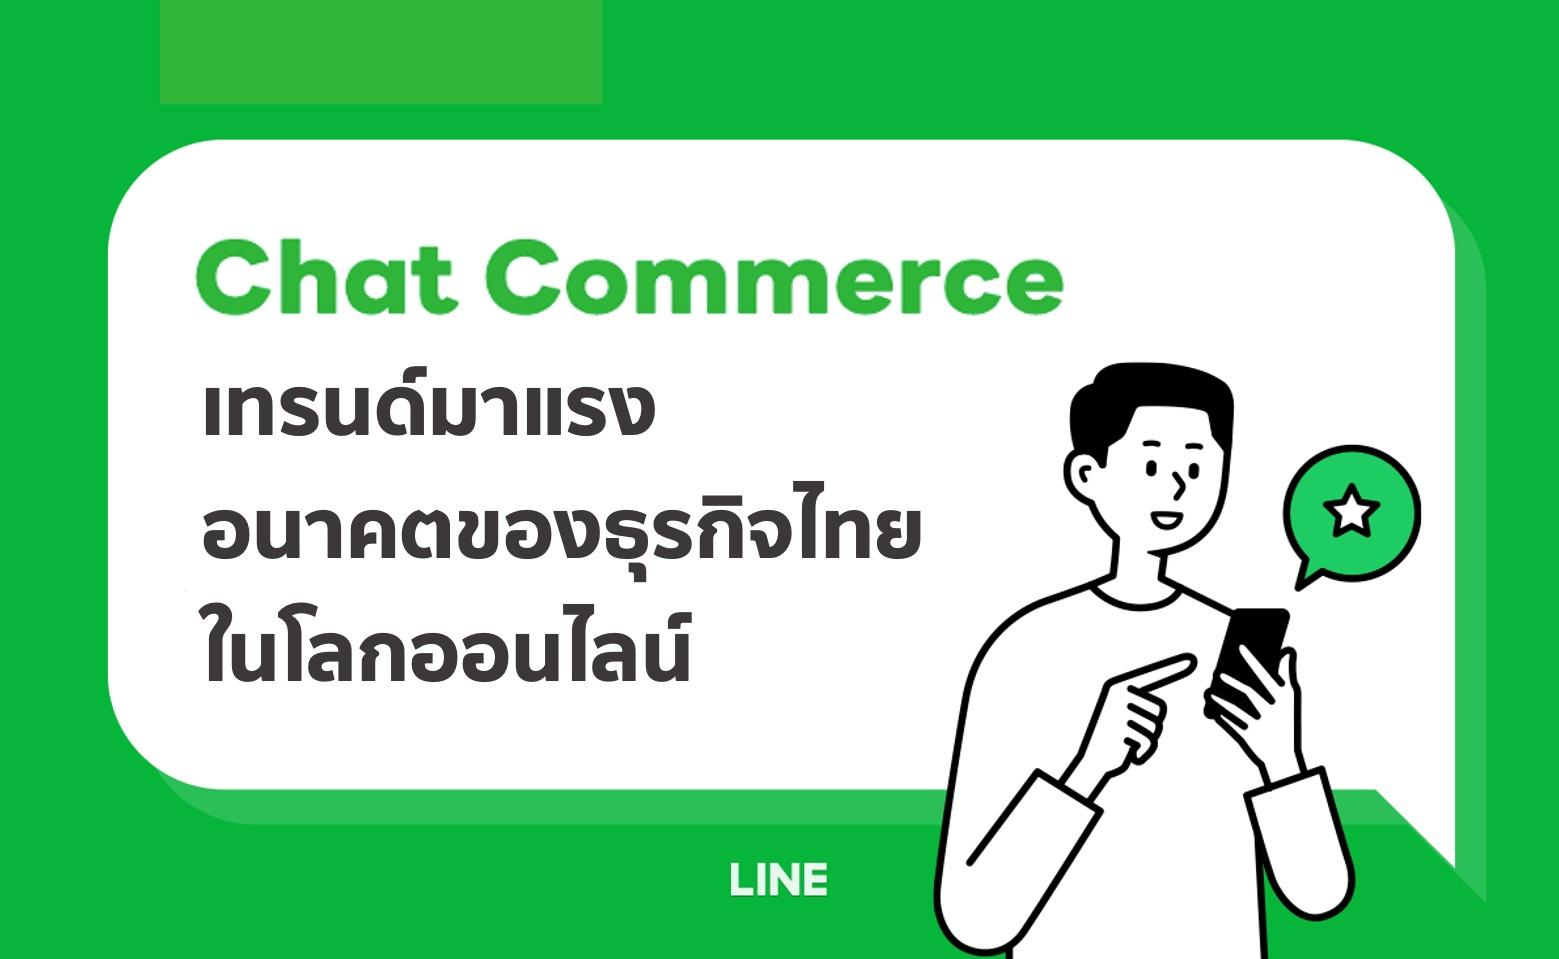 Chat Commerce เทรนด์มาแรง อนาคตของธุรกิจไทยในยุคออนไลน์